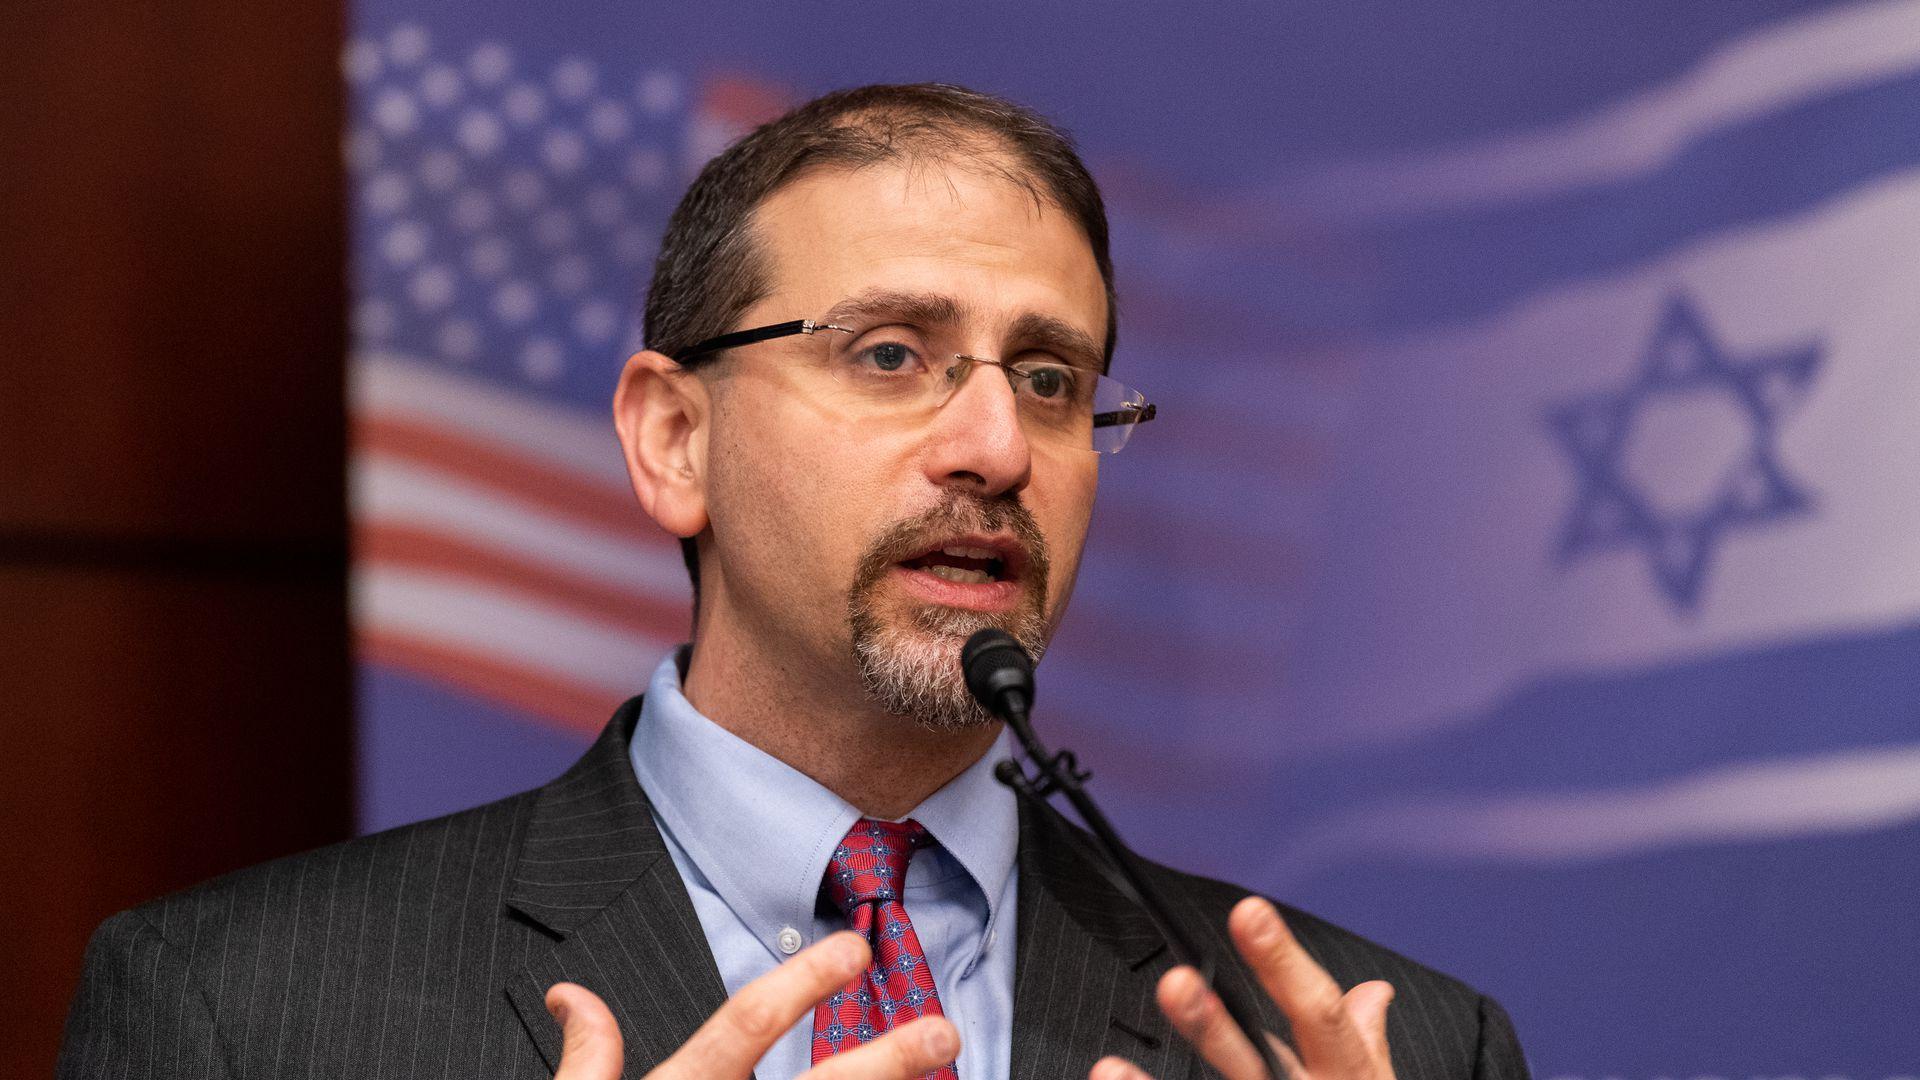 سفیر سابق آمریکا در اسرائيل مشاور ارشد نماینده آمریکا در امور ایران شد